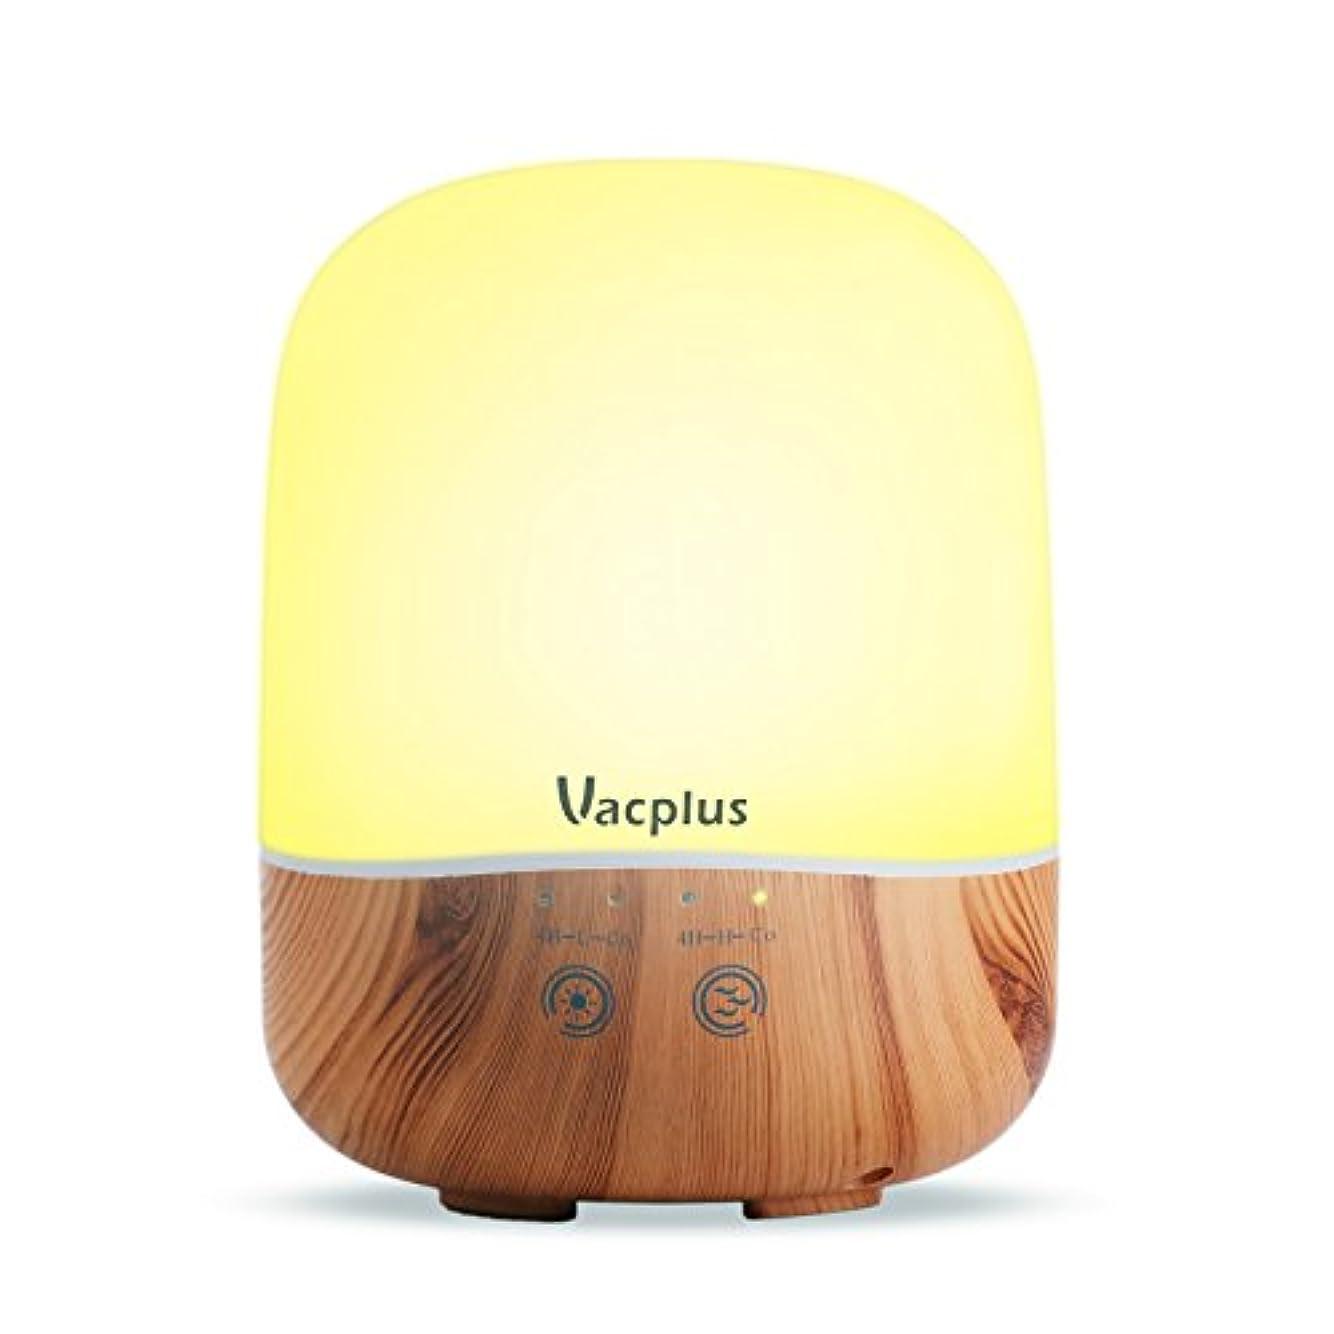 アピール一晩狼Vacplus アロマディフューザー 加湿器 300ml大容量 超音波式 卓上加湿器 七色変換LEDライト 空焚き防止機能(木目調)